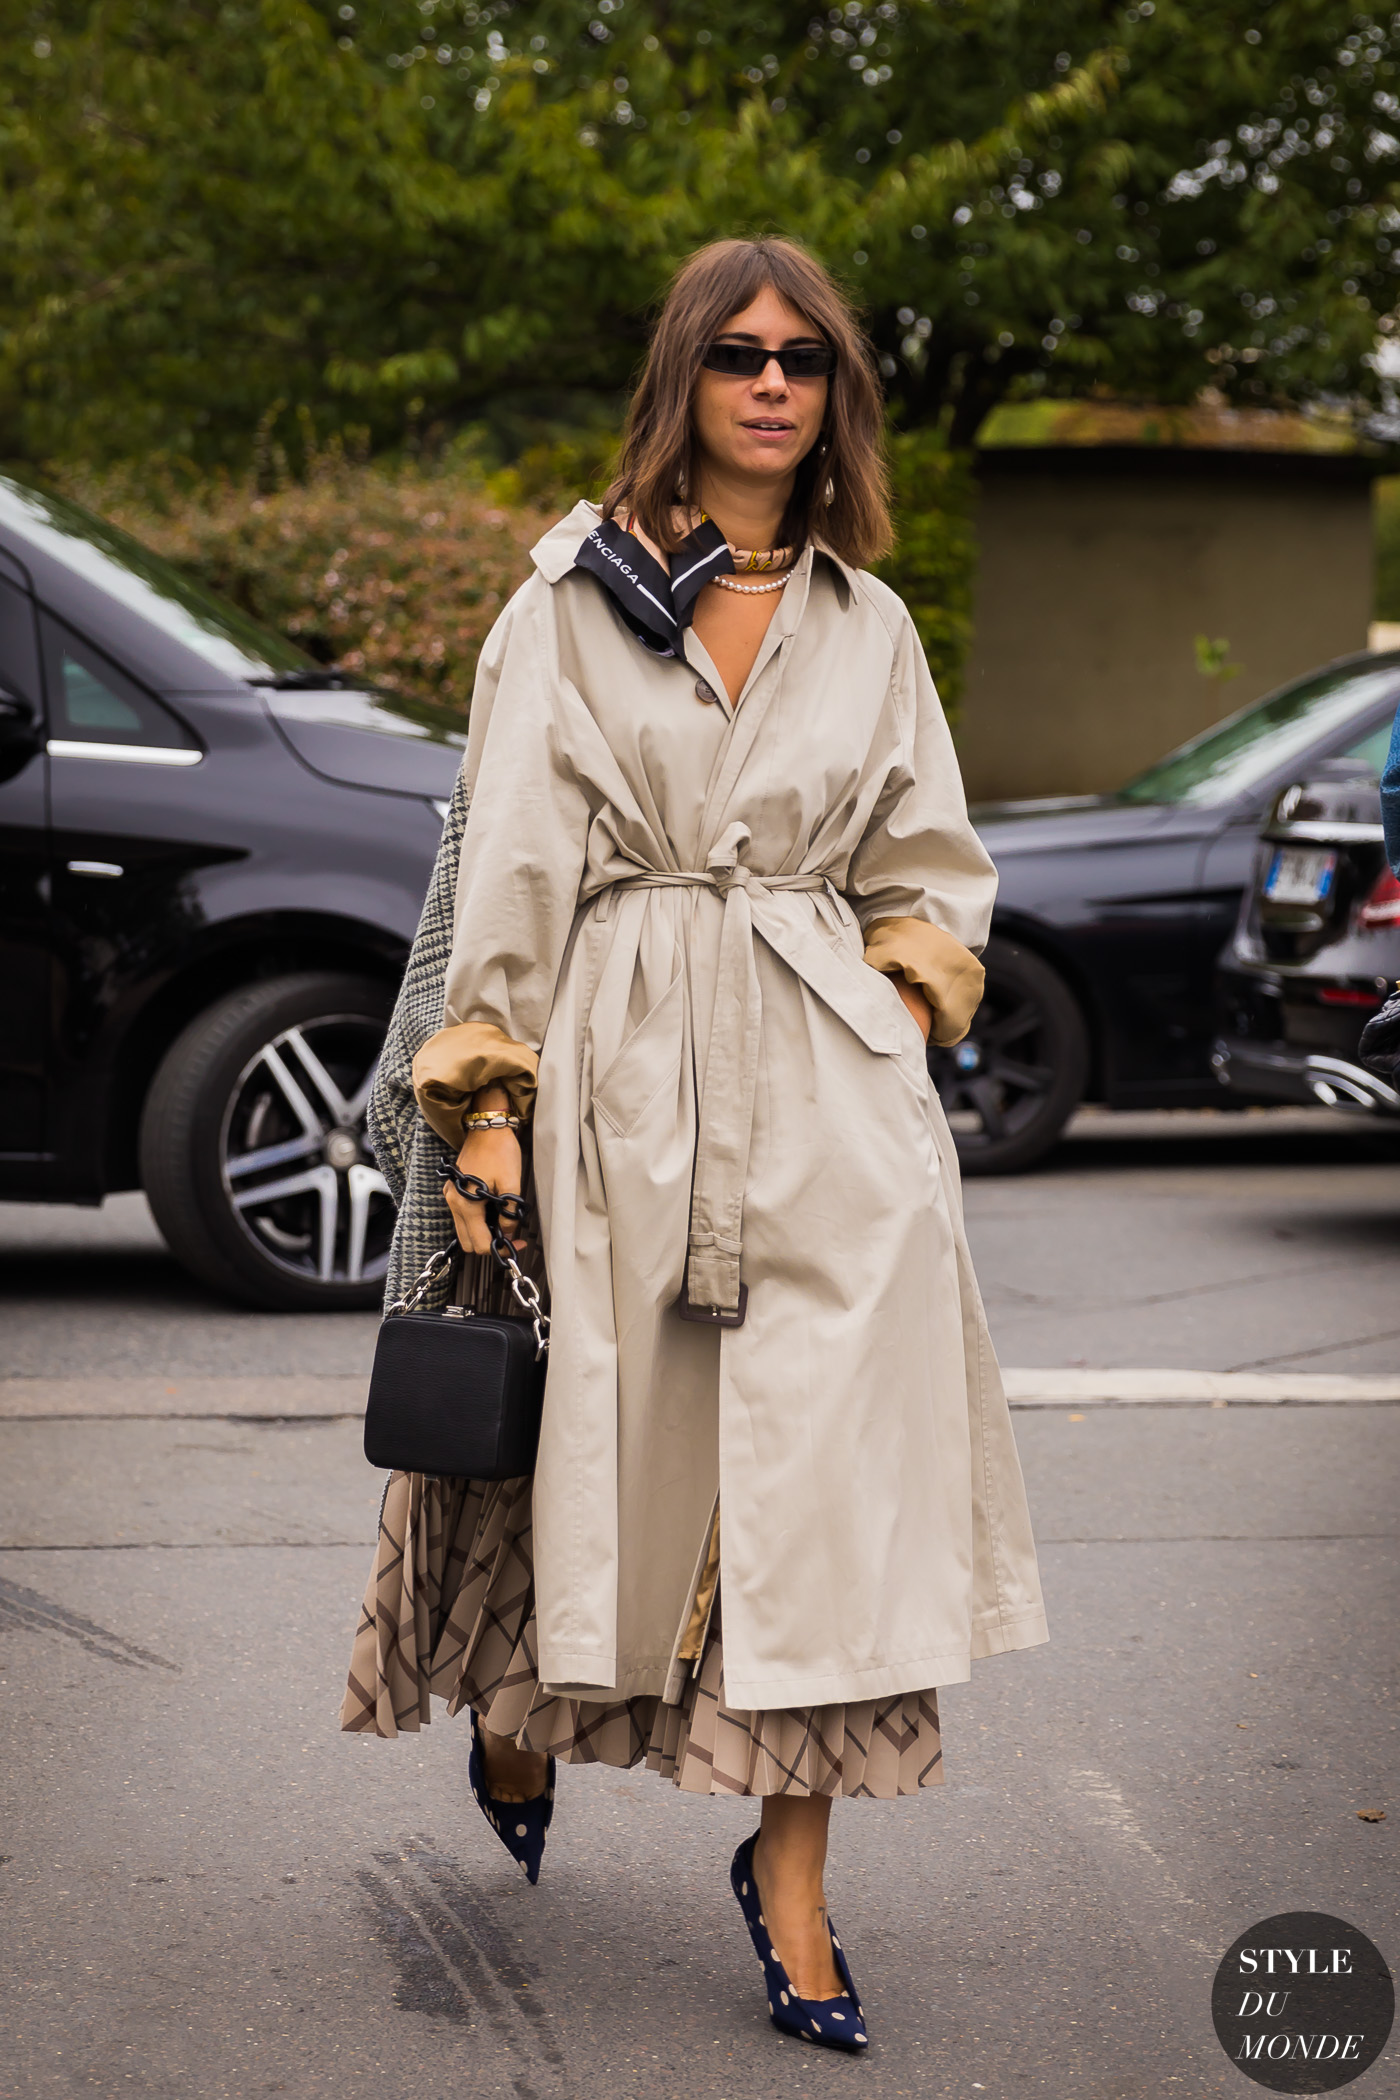 Natasha Goldenberg by STYLEDUMONDE Street Style Fashion Photography_48A7216